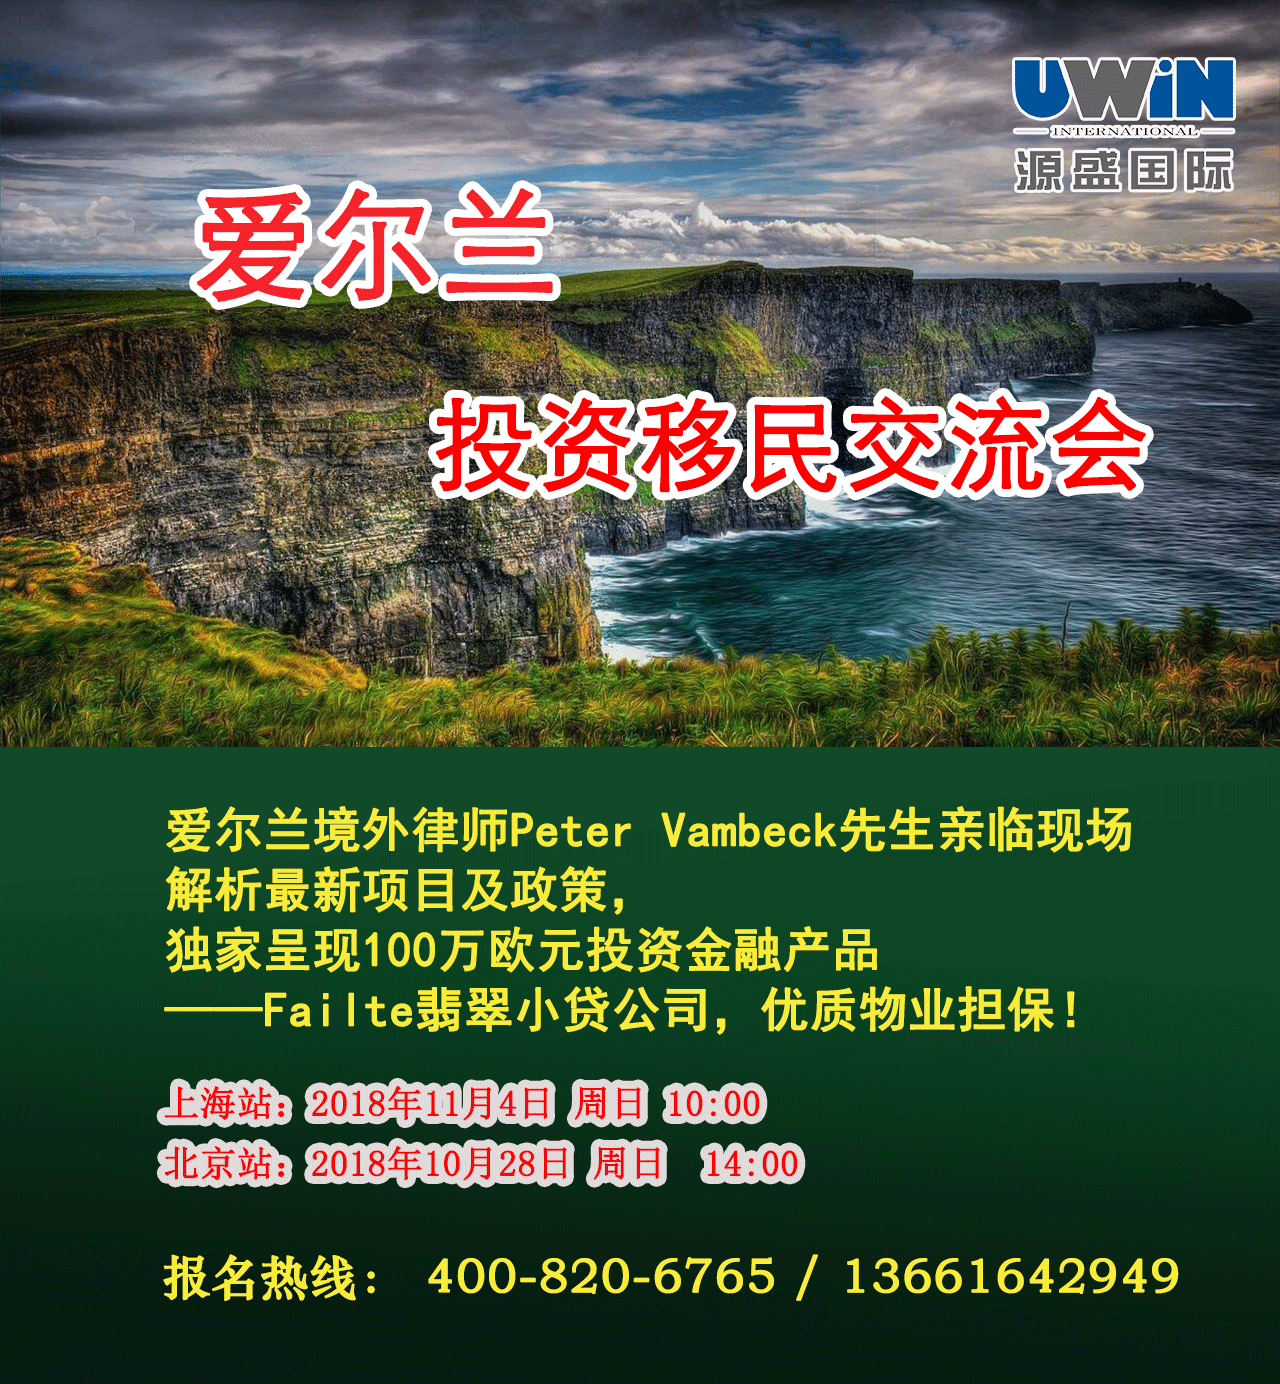 【上海】11月4日召开爱尔兰投资移民专题讲会!